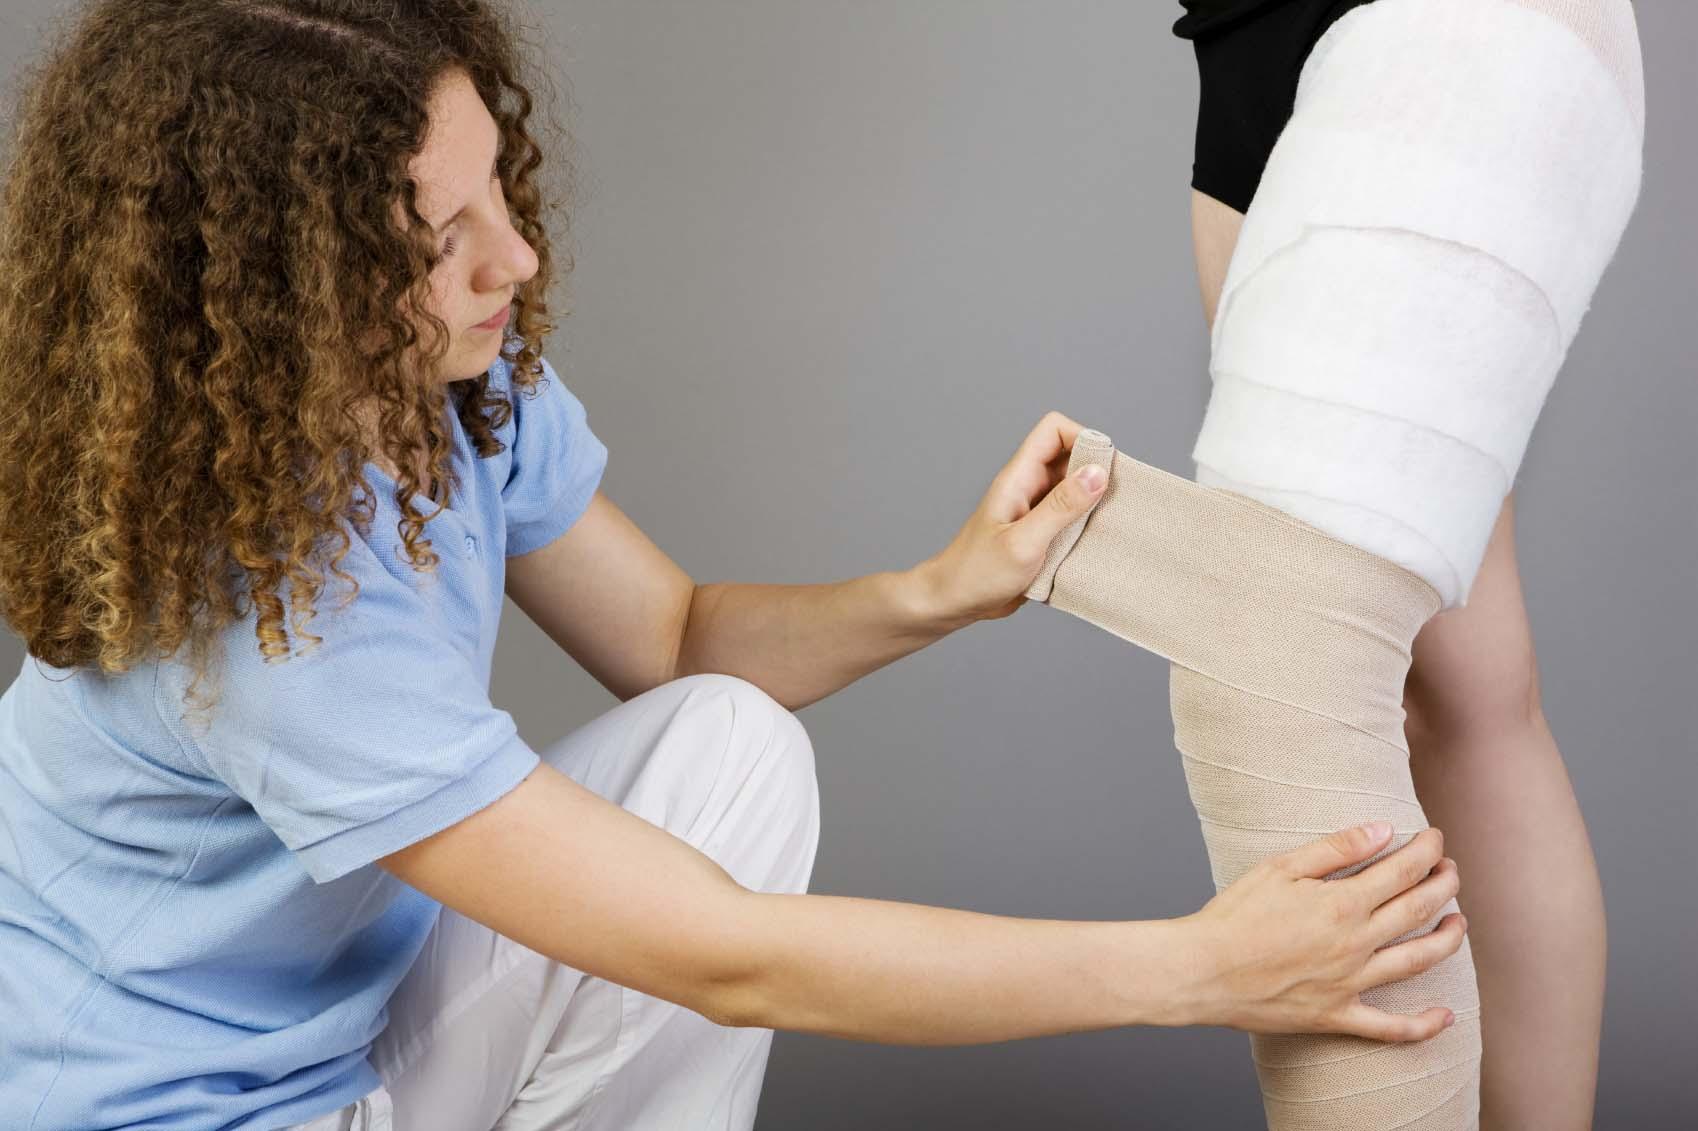 pengobatan fibromyalgia